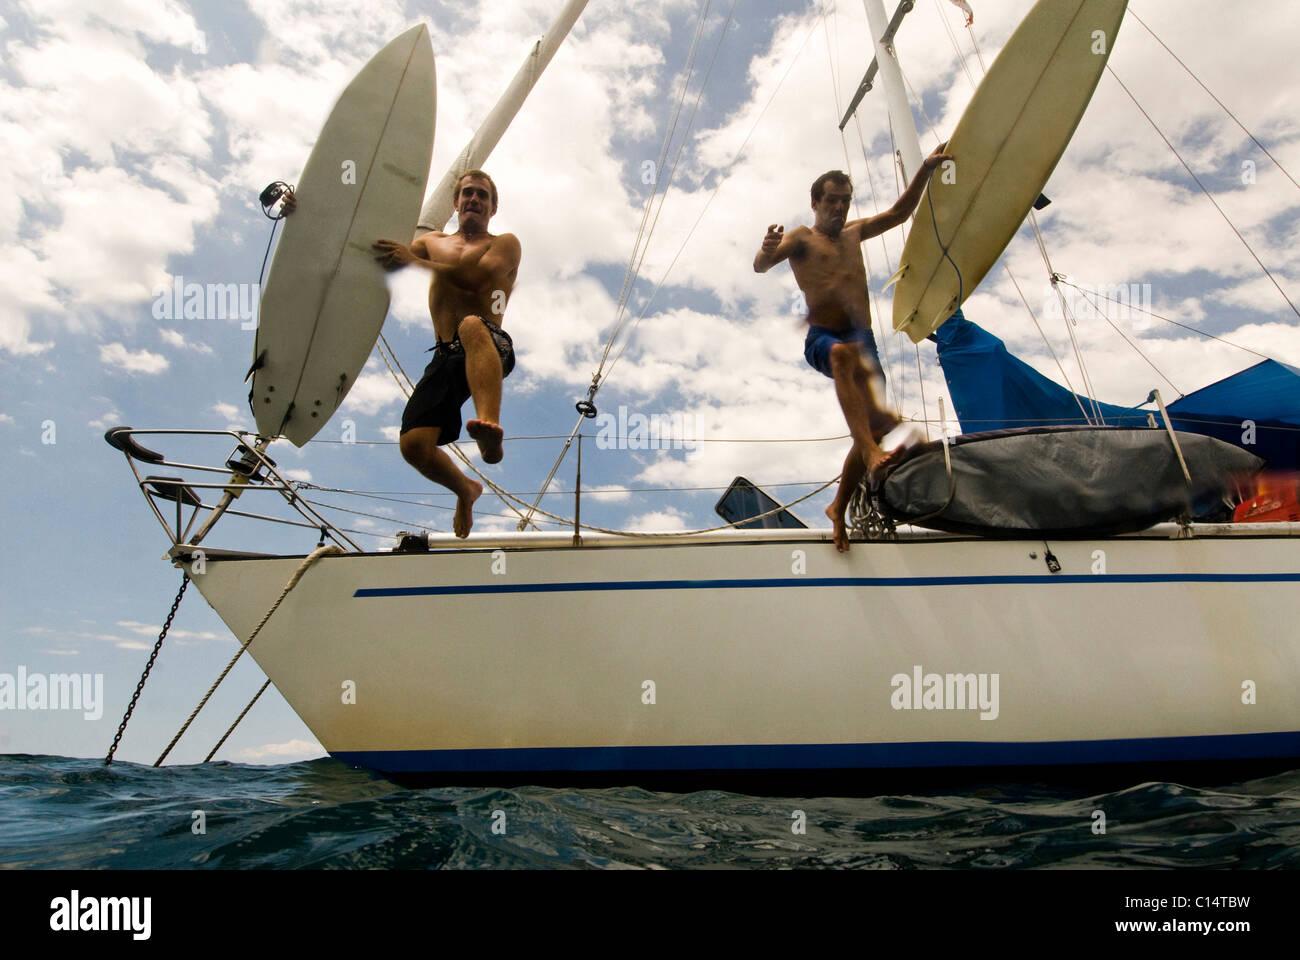 Zwei Jungs aus ihrer Position heraus für Boot springen Surfen in Costa Rica Stockbild